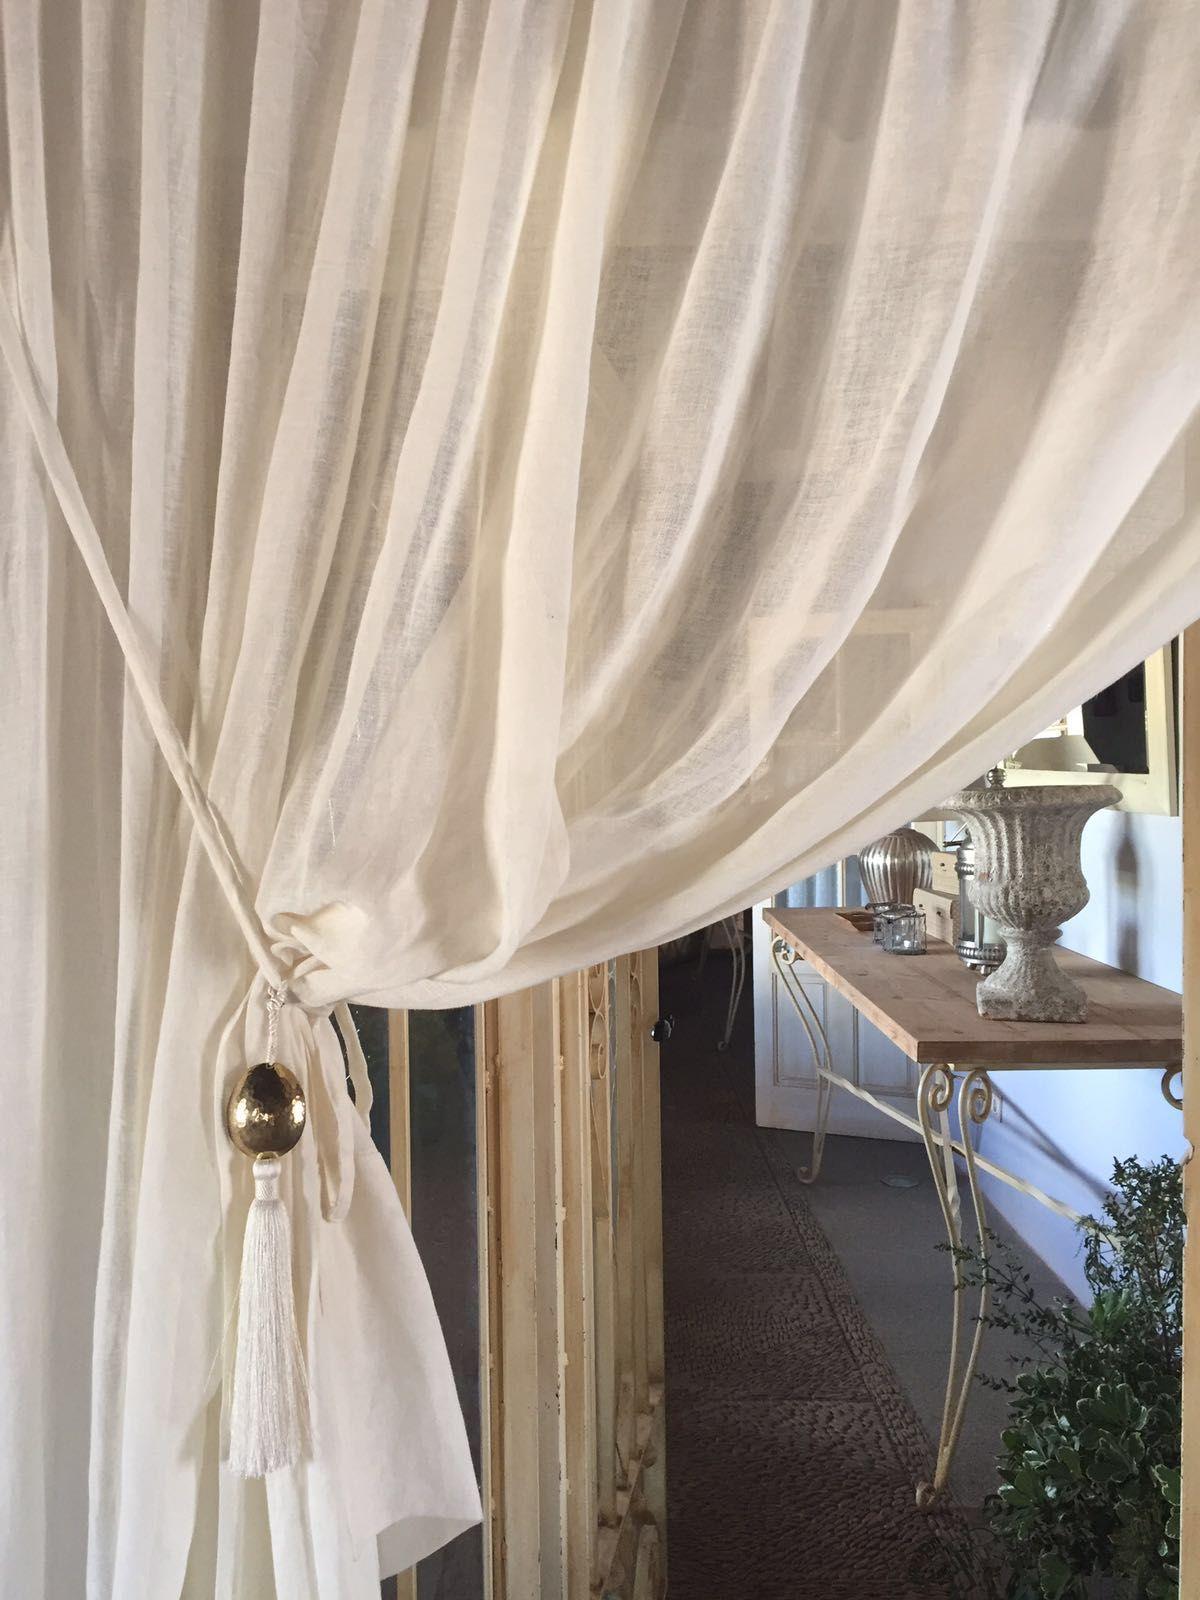 Badezimmerdesign für mädchen pin von jeannine auf gardinen curtains  pinterest